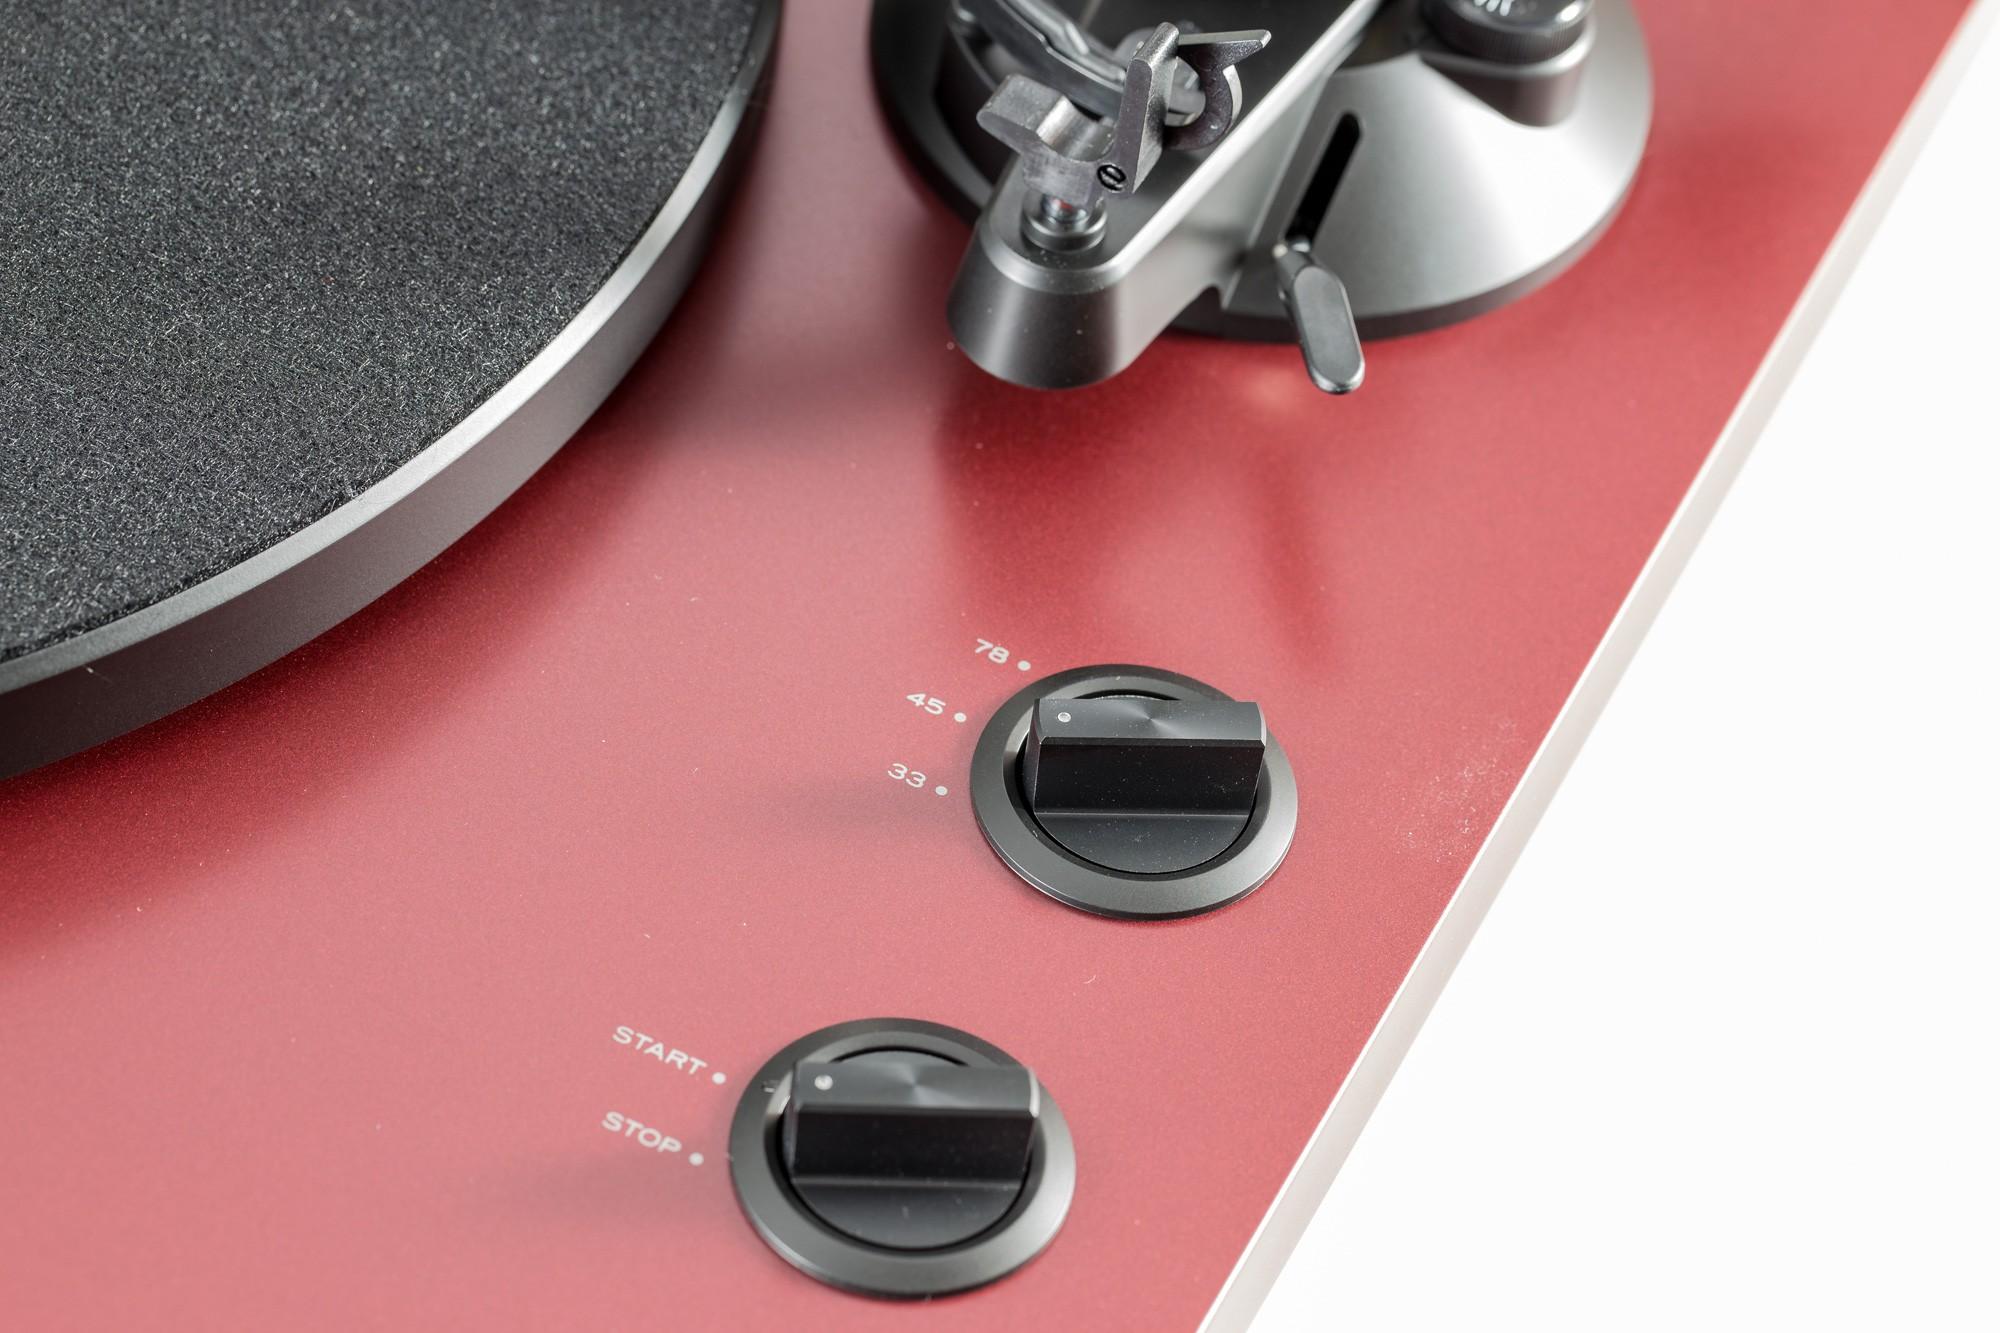 Tn 400bt Une Nouvelle Platine Vinyle Bluetooth Chez Teac